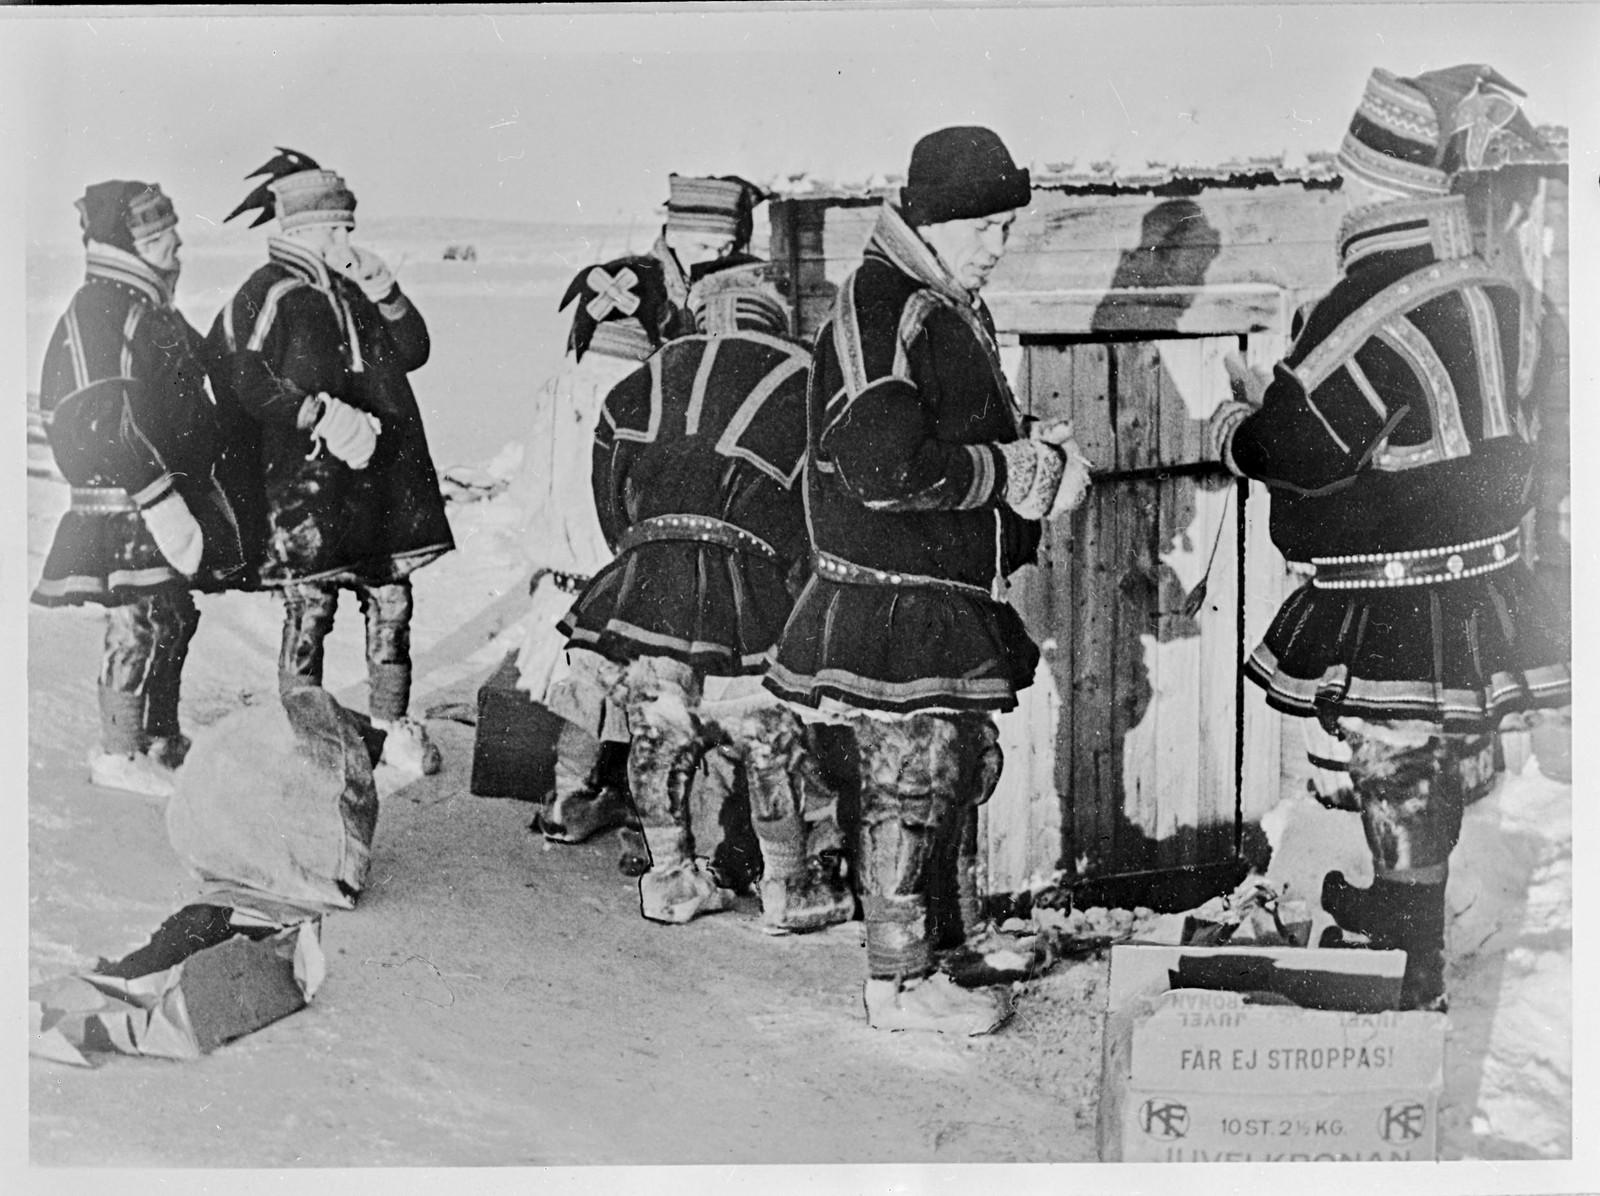 """Original bildetekst:"""" Vinteren 1944 gjennomførte tyskerne tvangsevakuering av sivilbefolkningen i Finnmark og brente deres bosteder. Det lyktes en god del av folket å flykte innover fjellet, hvor de imidlertid støtte på de største vanskeligheter. Fra svensk side er det igangsatt en effektiv hjelpevirksomhet hvoved store mengder klær og matvarer er distribuert til befolkningen. Bildet viser: Nordmenn i karakteristiske lappeklær venter på at boden hvor de etterlengtede matvarer oppbevares skal åpnes. Stockholm 12.2.45."""""""